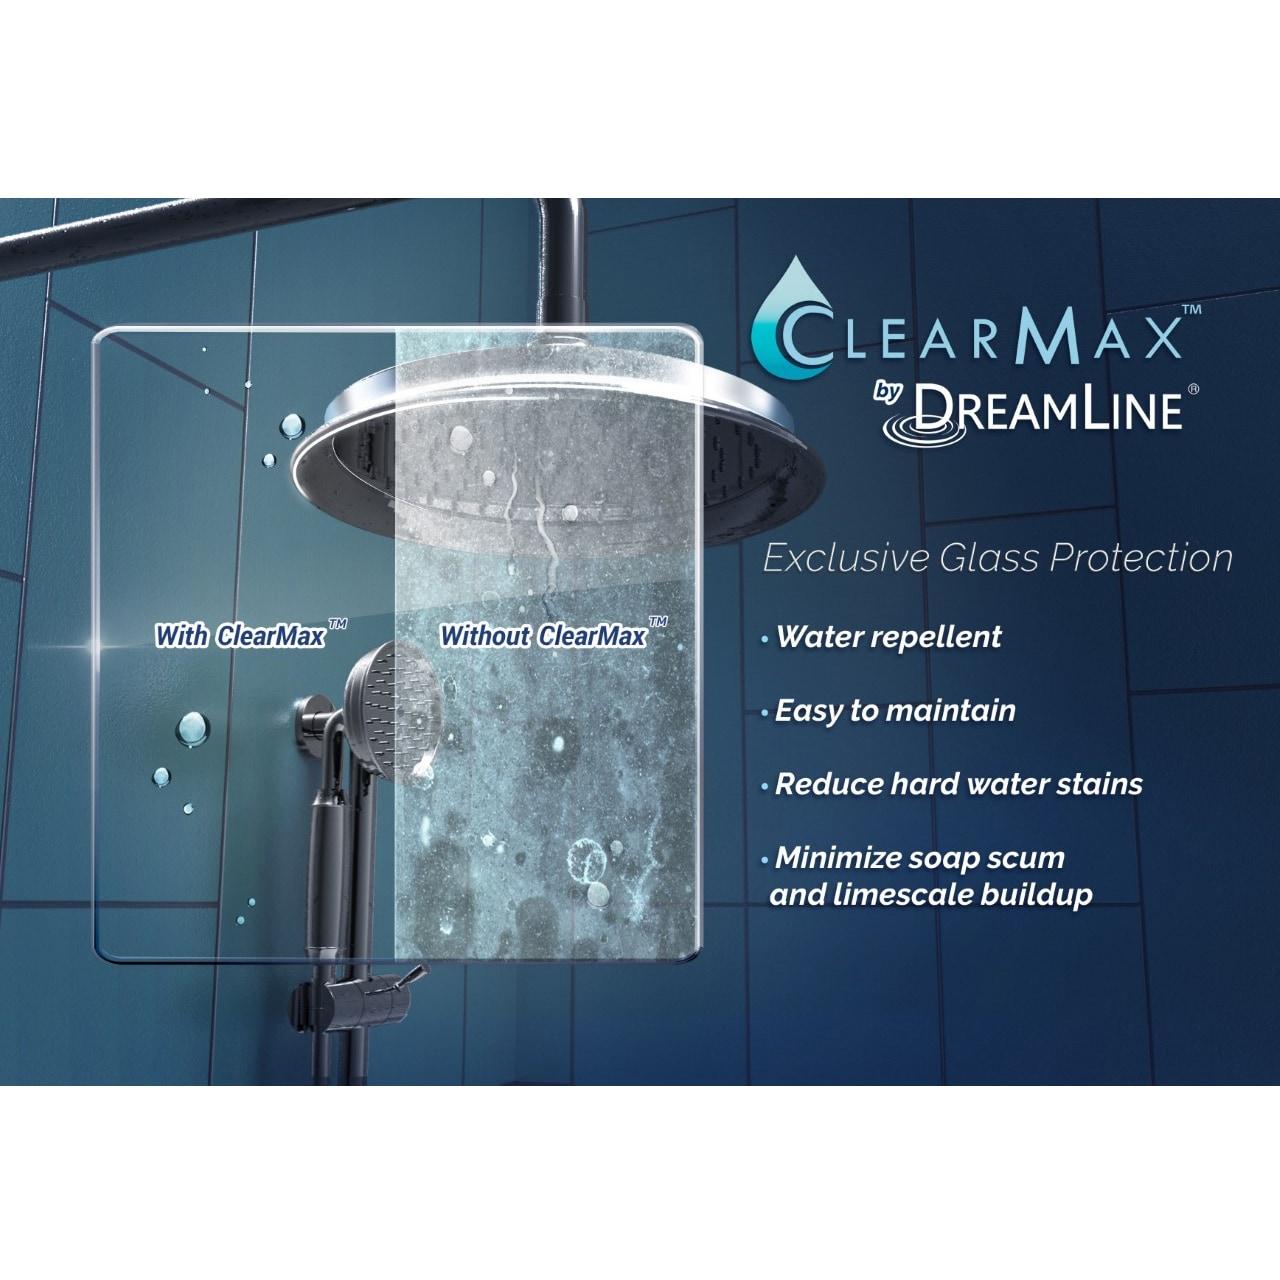 DreamLine Elegance 28 3/4 to 30 3/4 in. Frameless Pivot Shower Door